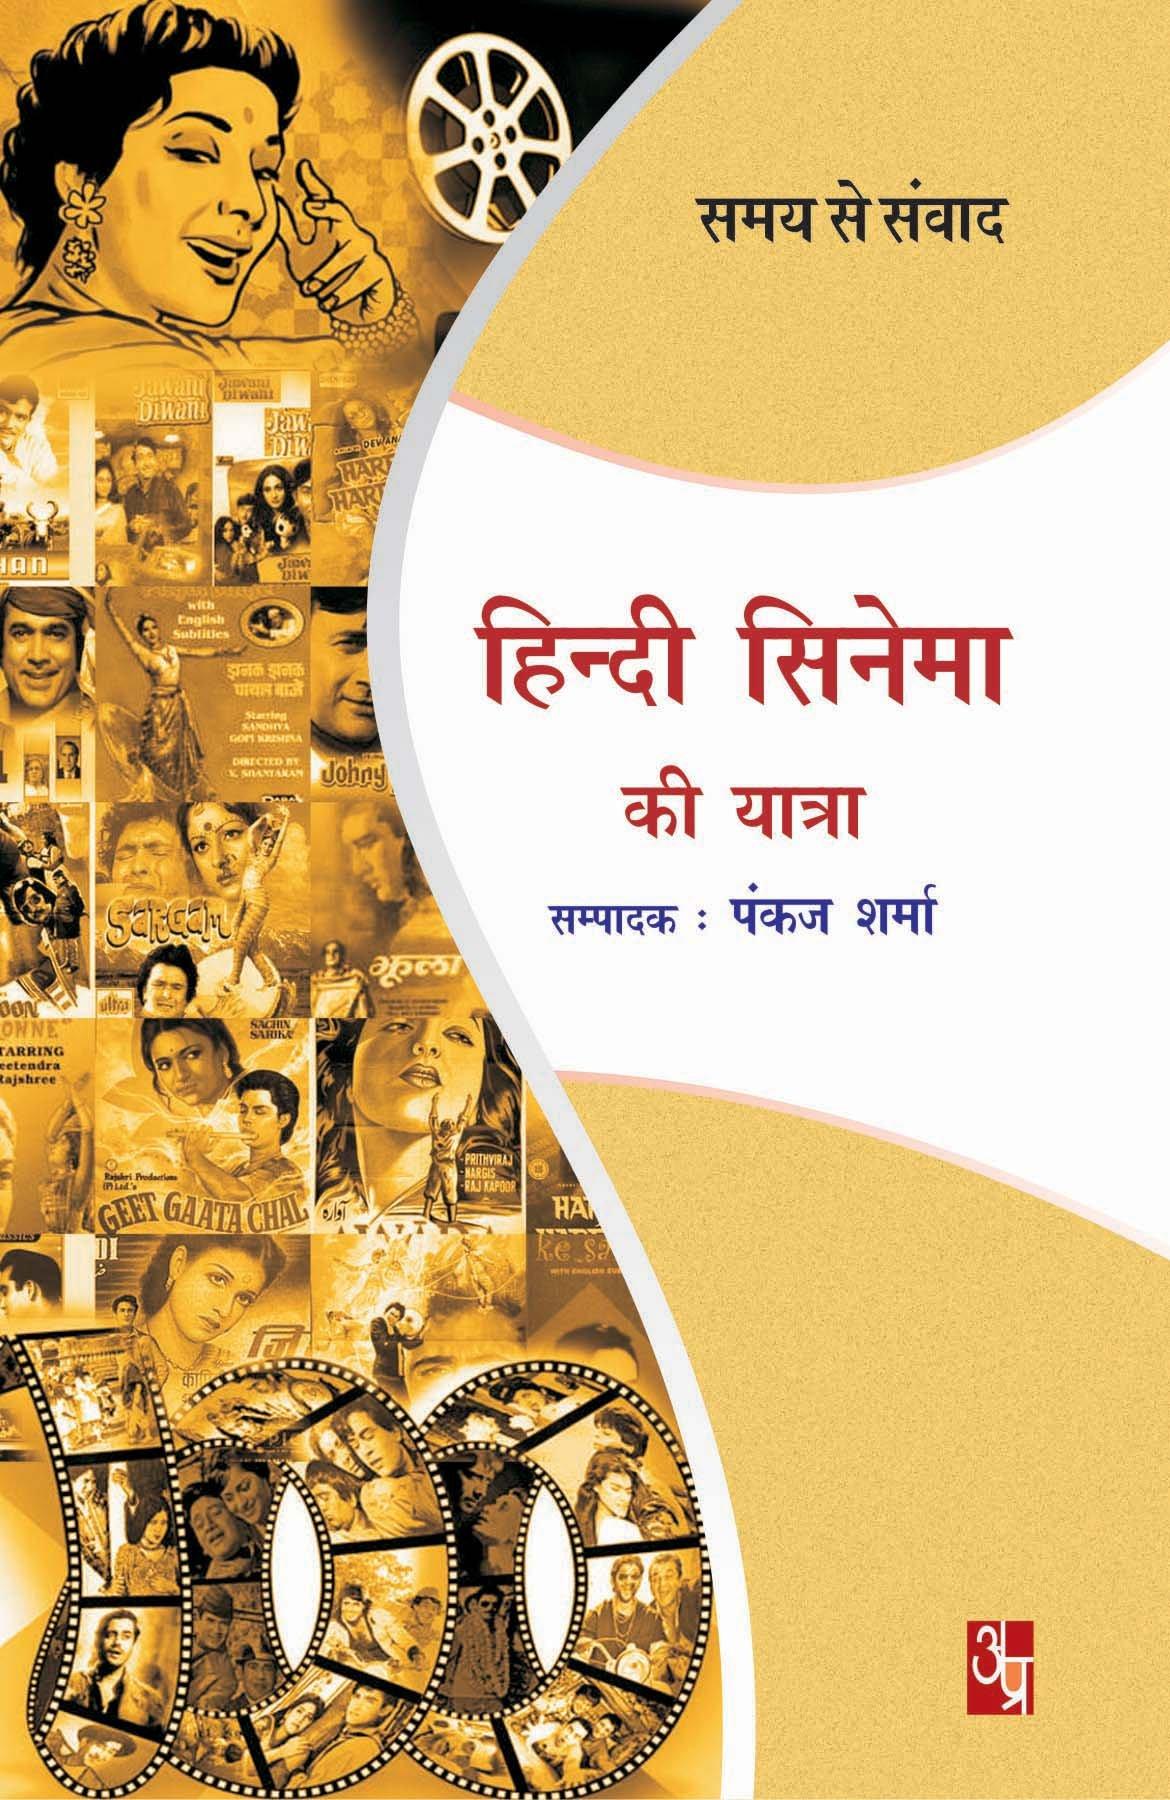 SAMAY SE SAMVAD: Hindi Cinema Ki Yatra